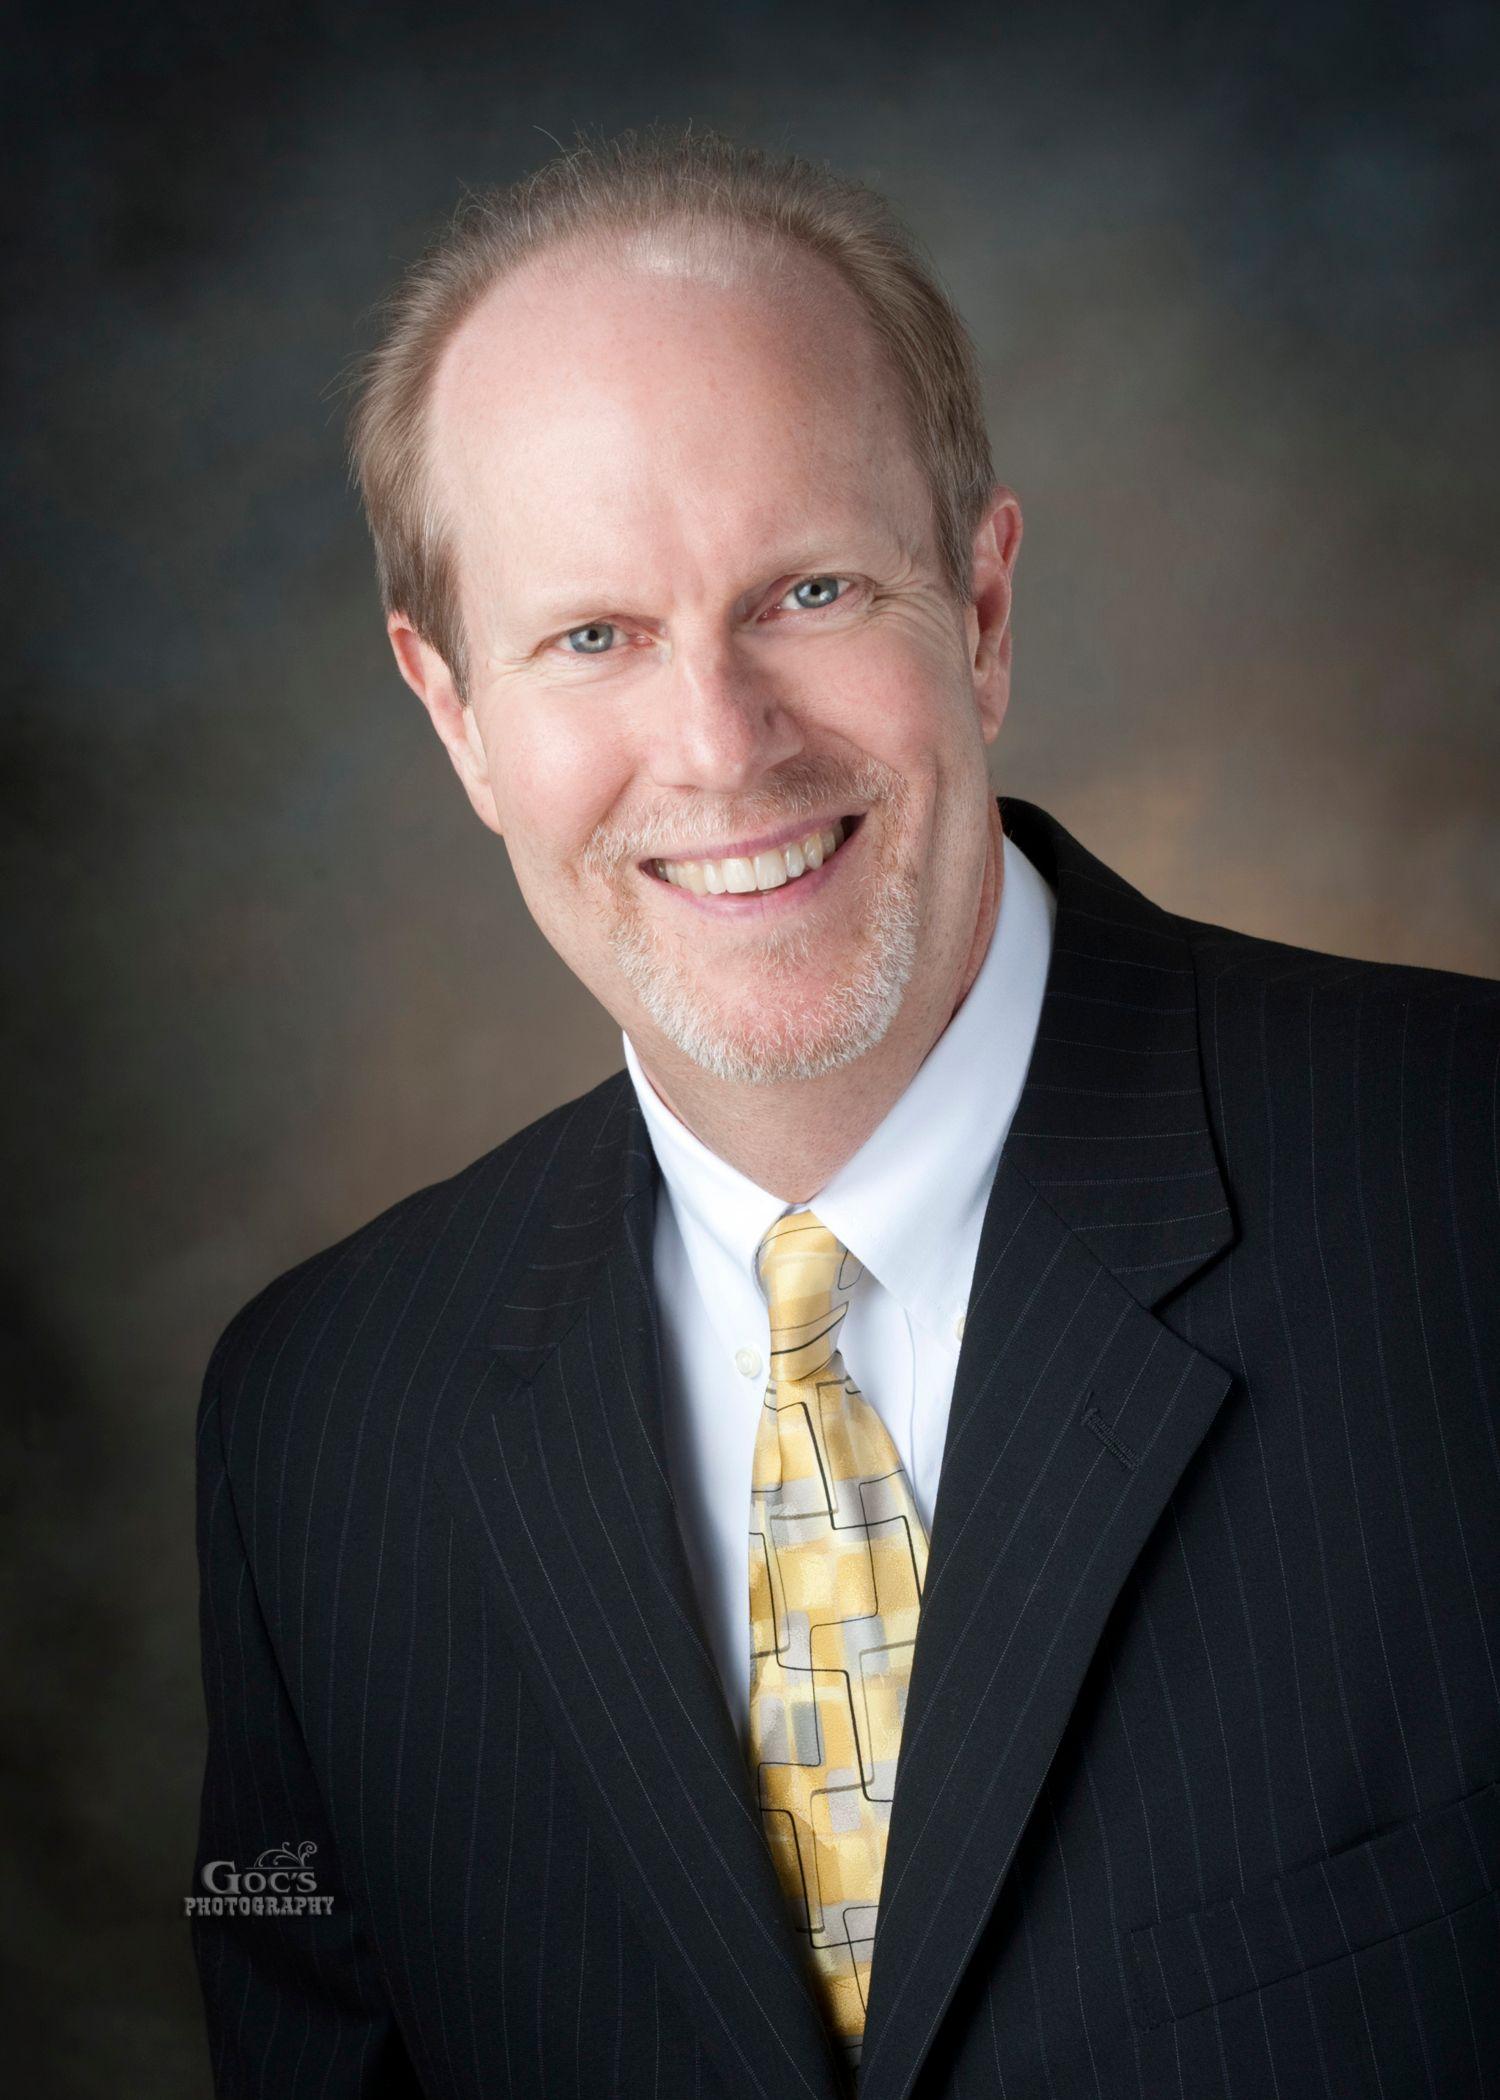 Brian Christensen